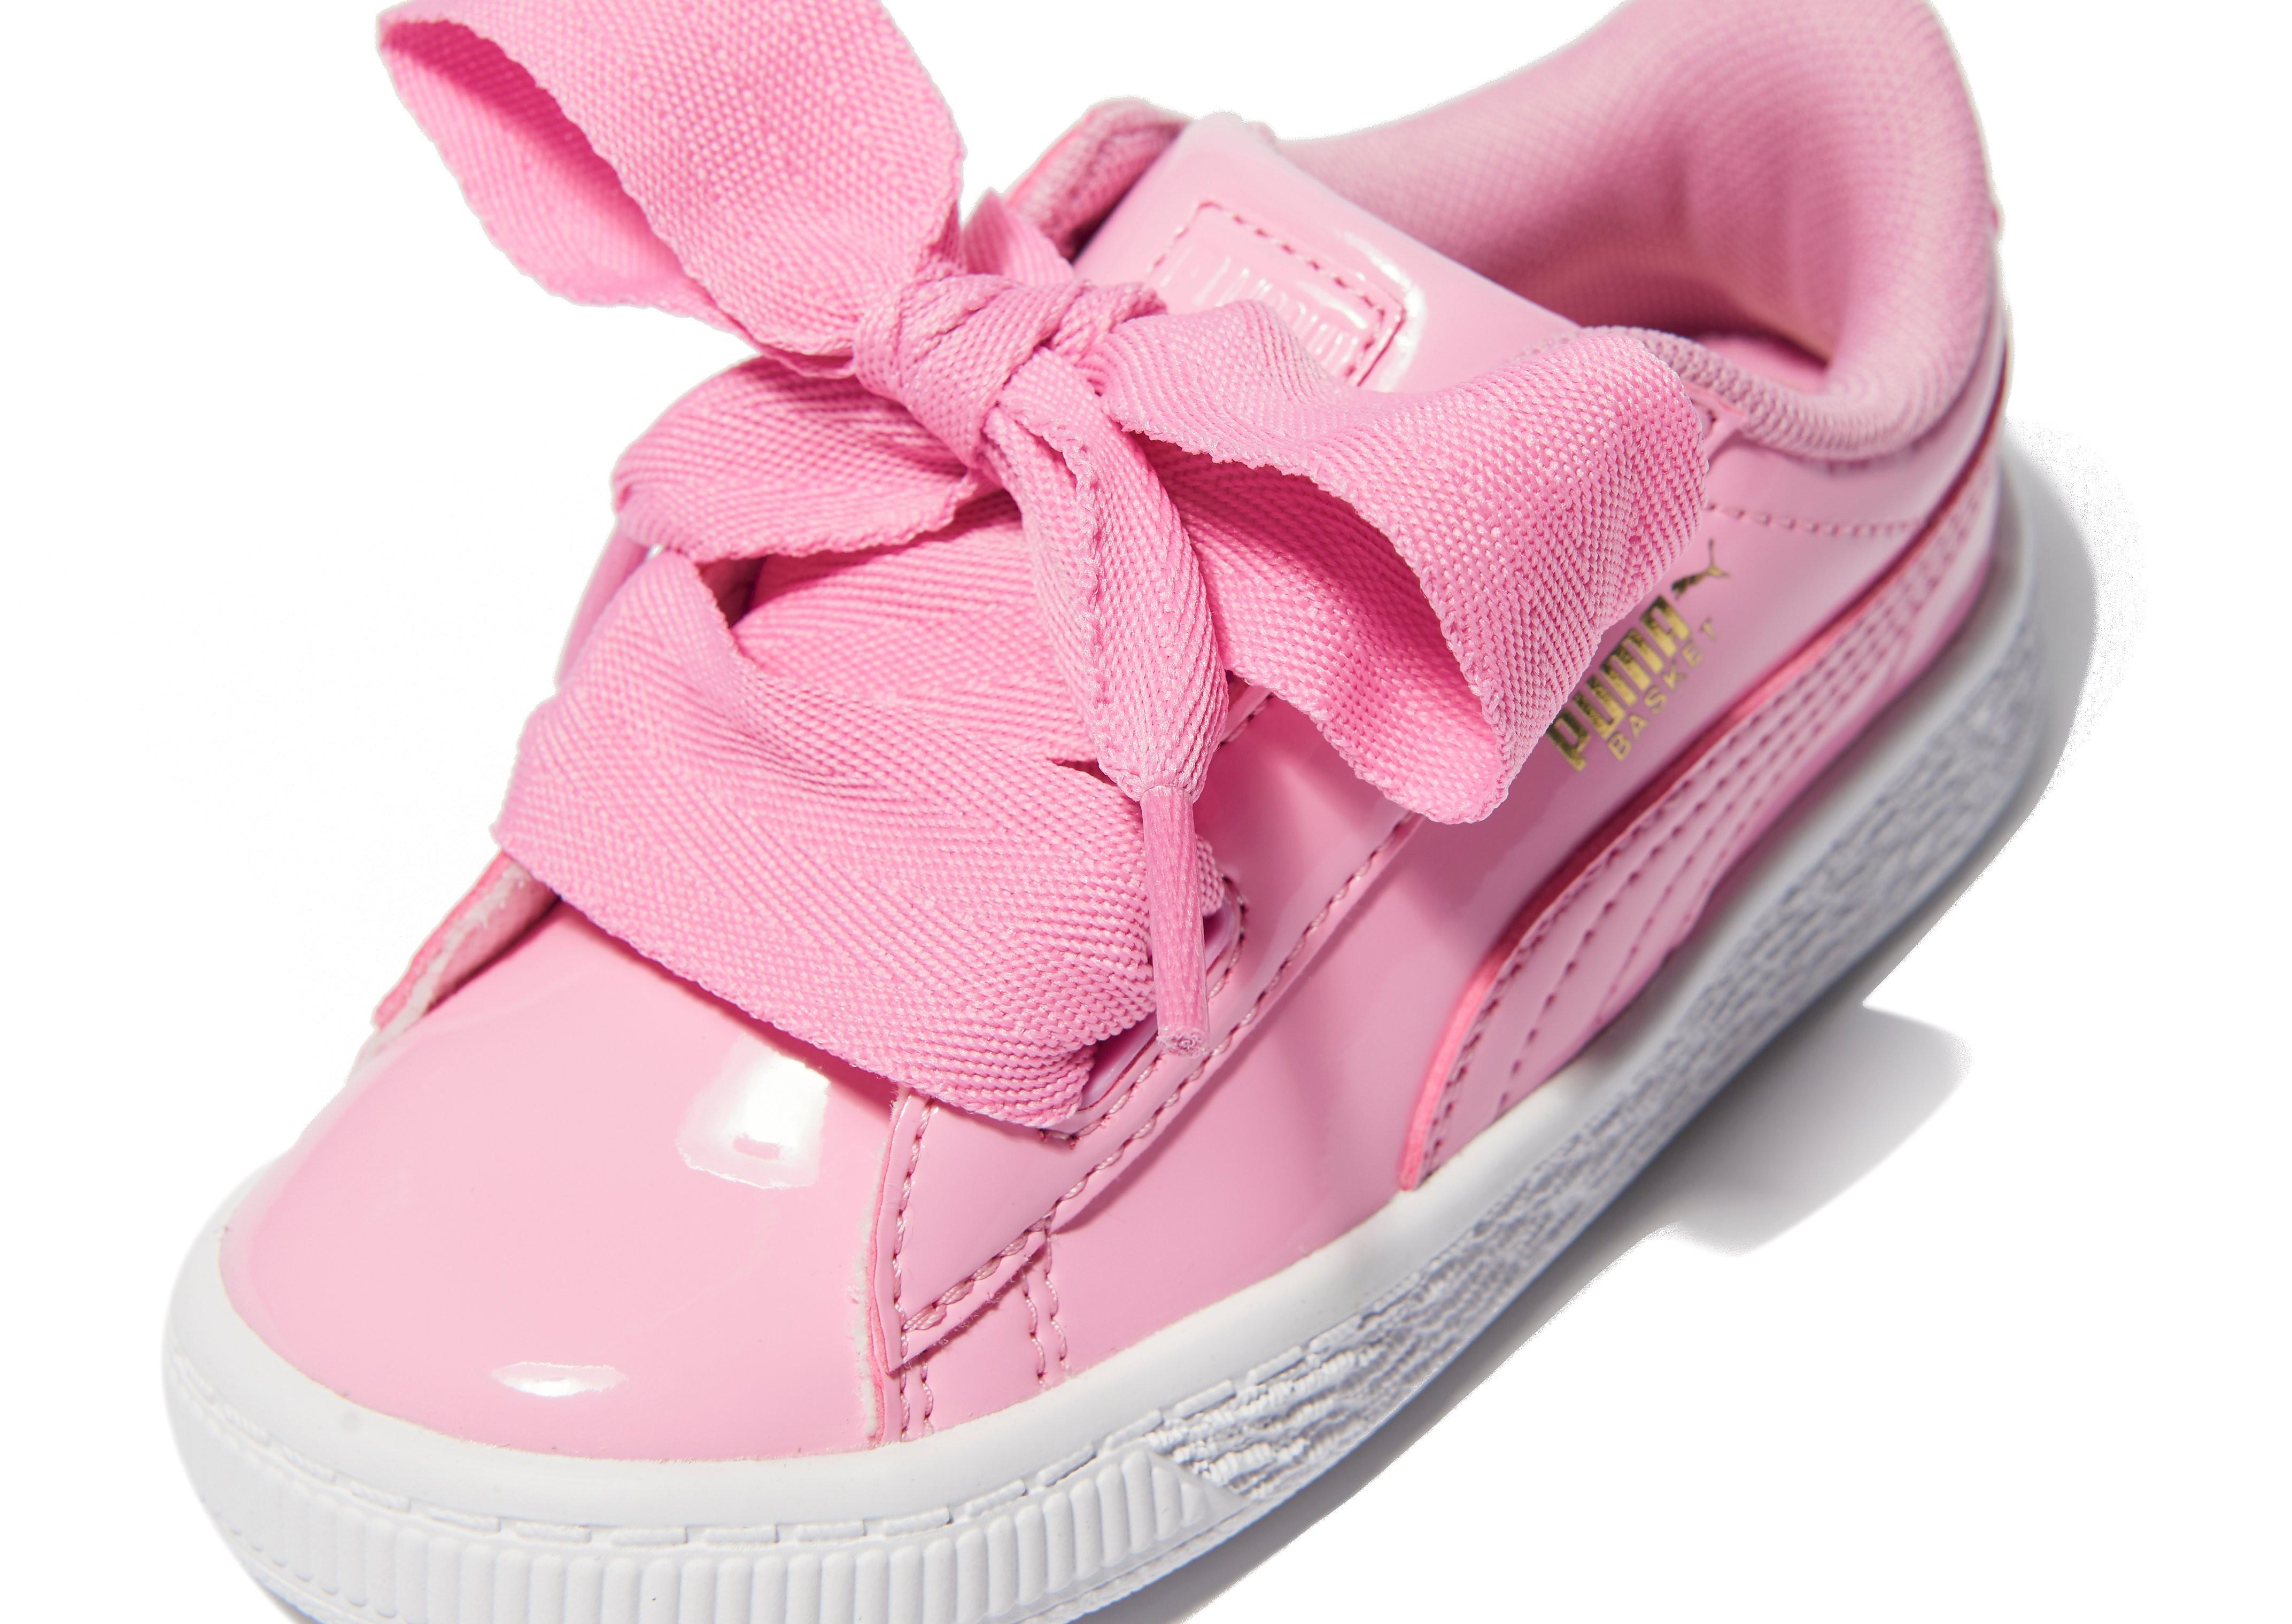 PUMA Basket Heart para bebé